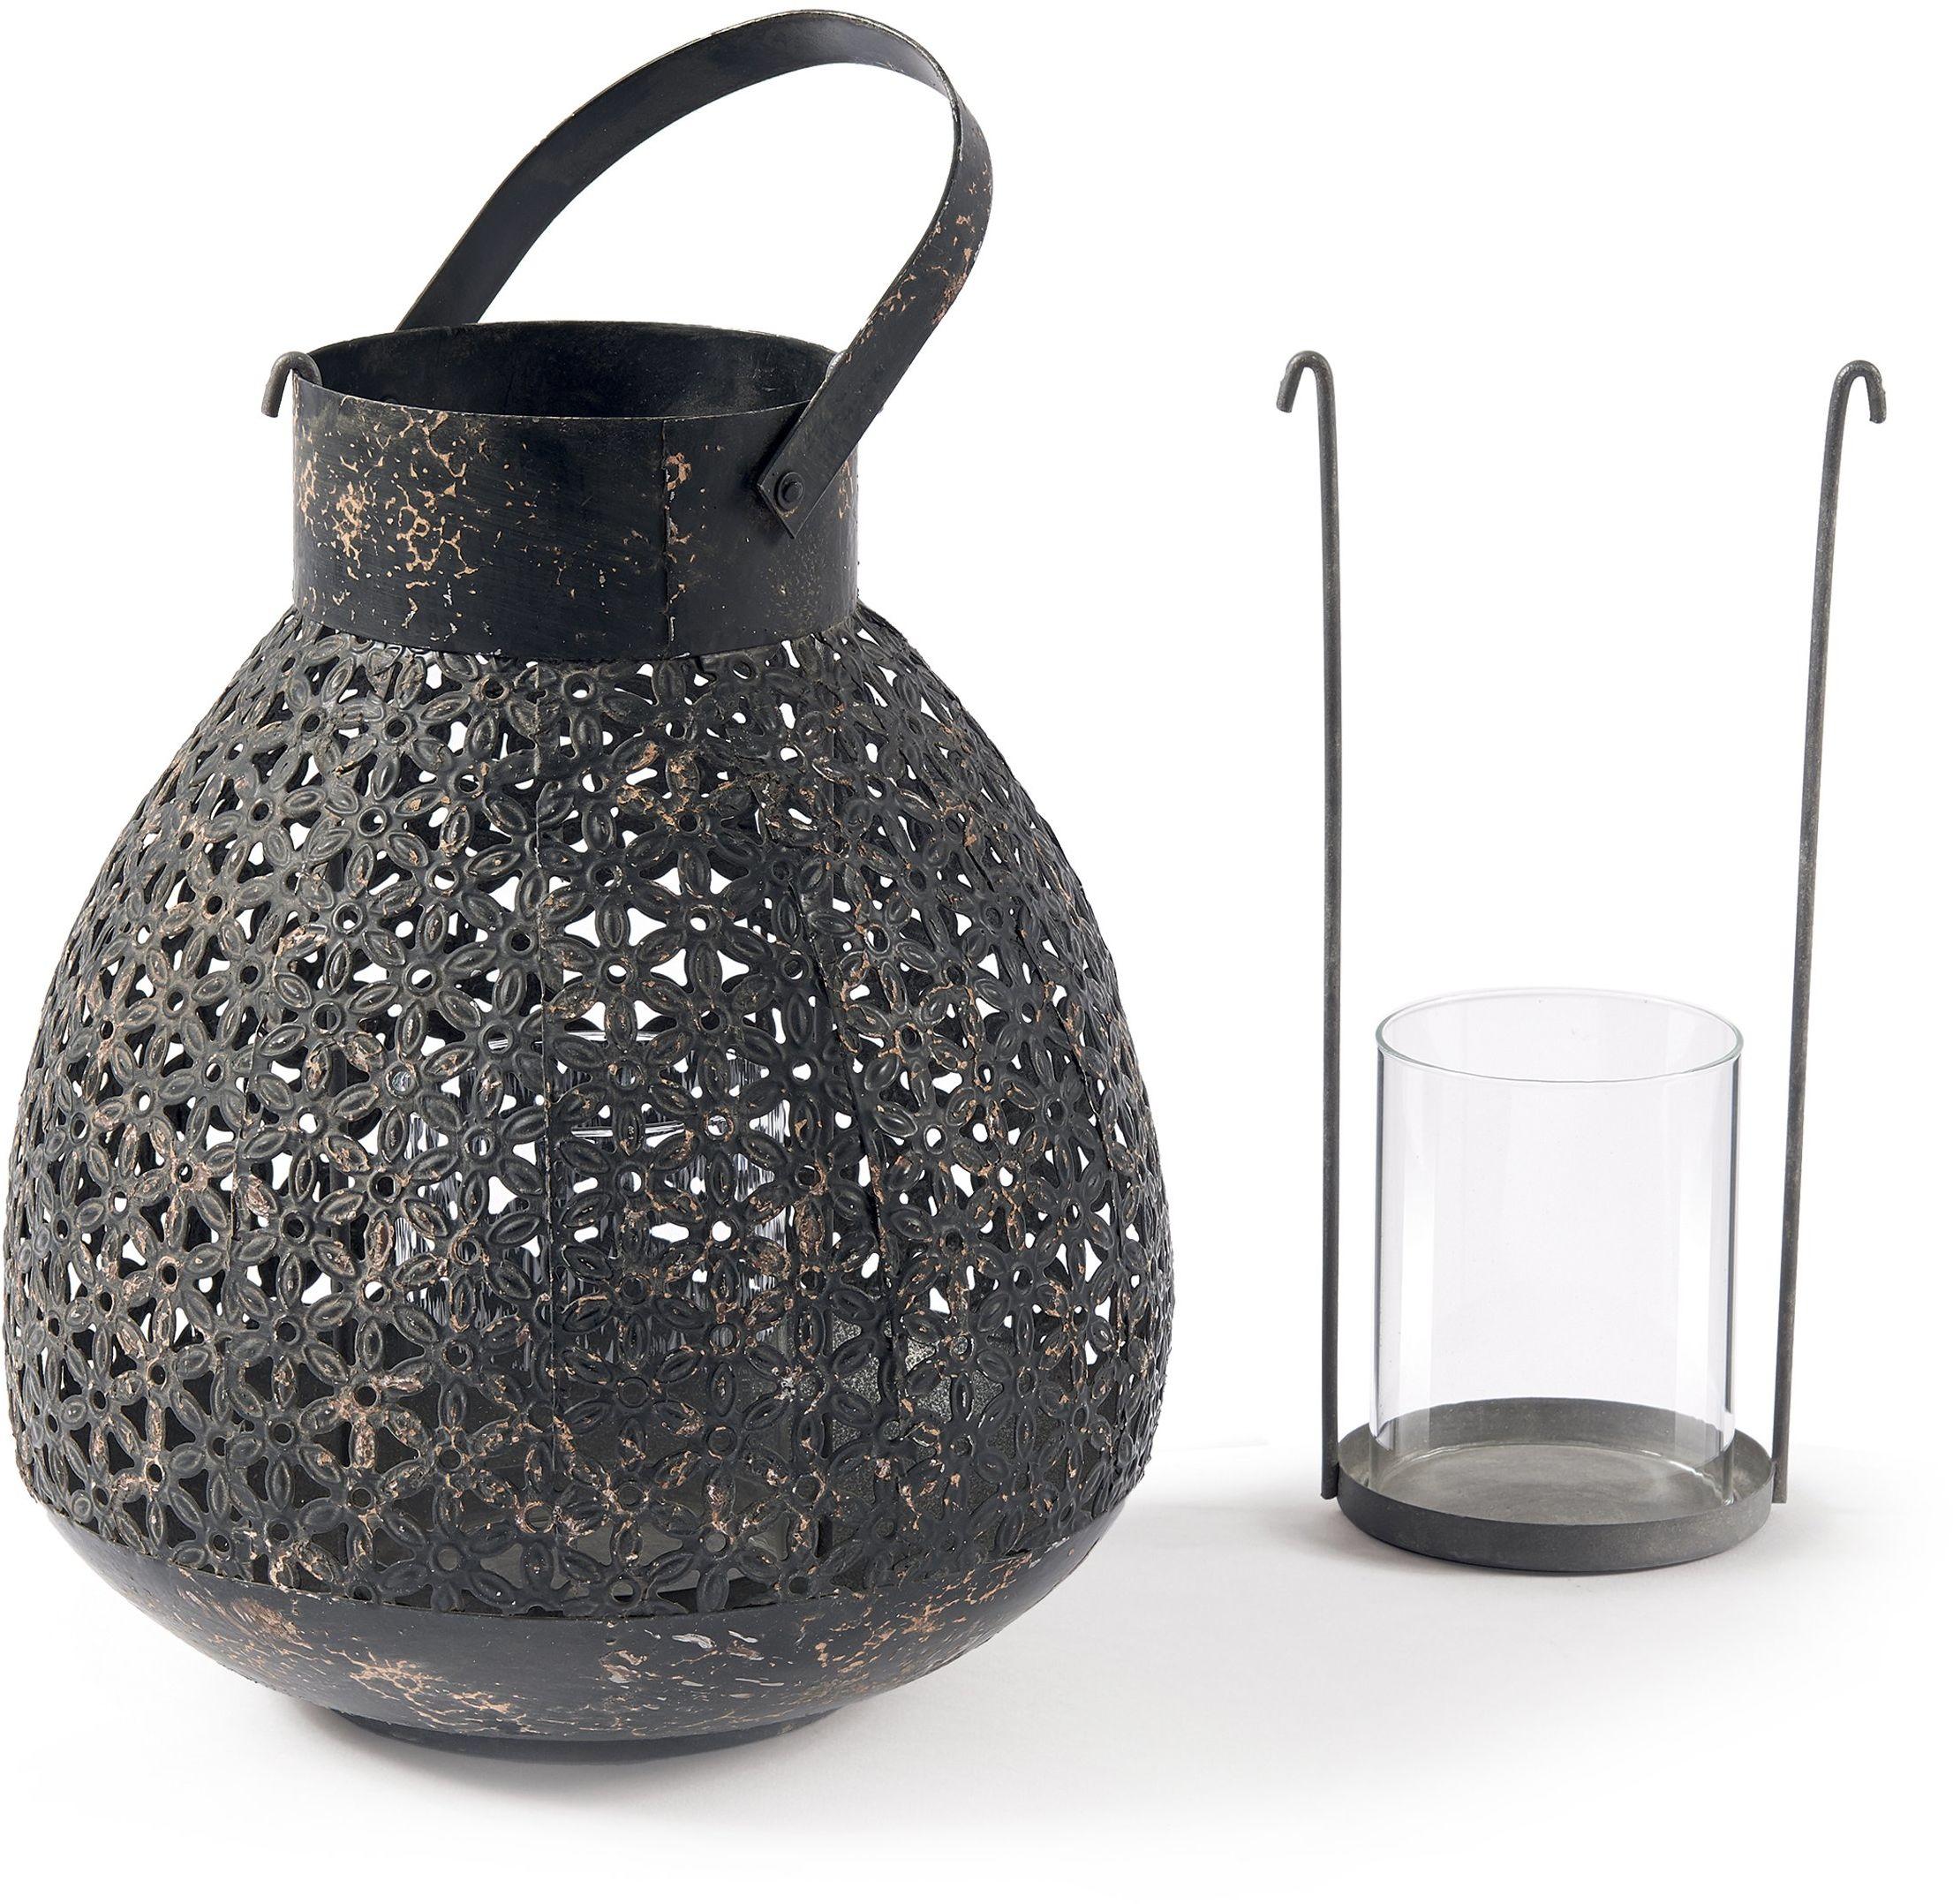 Fill Doha latarnia, średnica 230 mm x wysokość 260 mm, grafitowa, metal